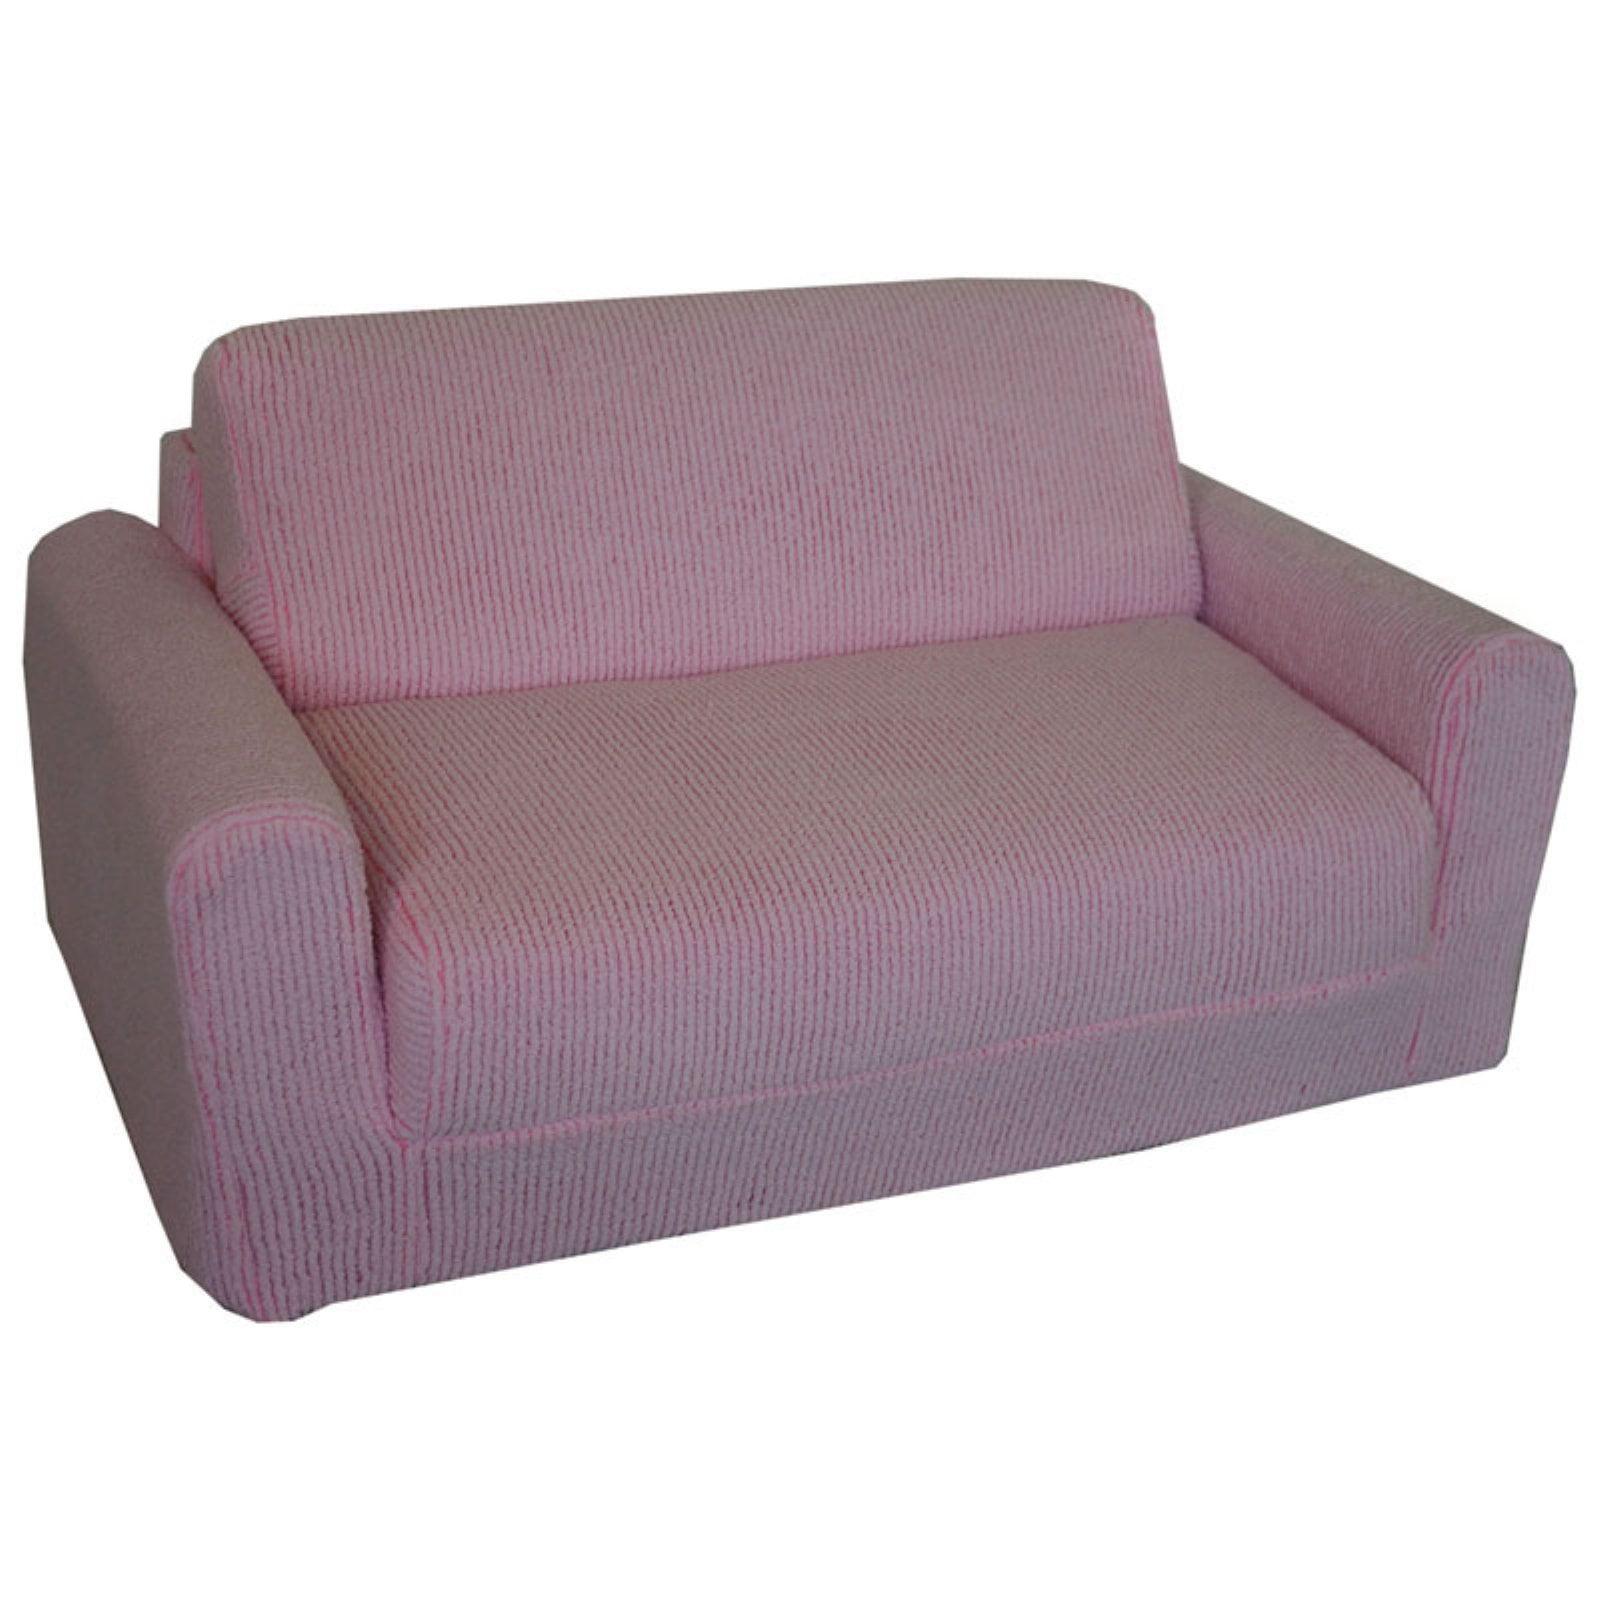 Fun Furnishings Chenille Sofa Sleeper by Fun Furnishings